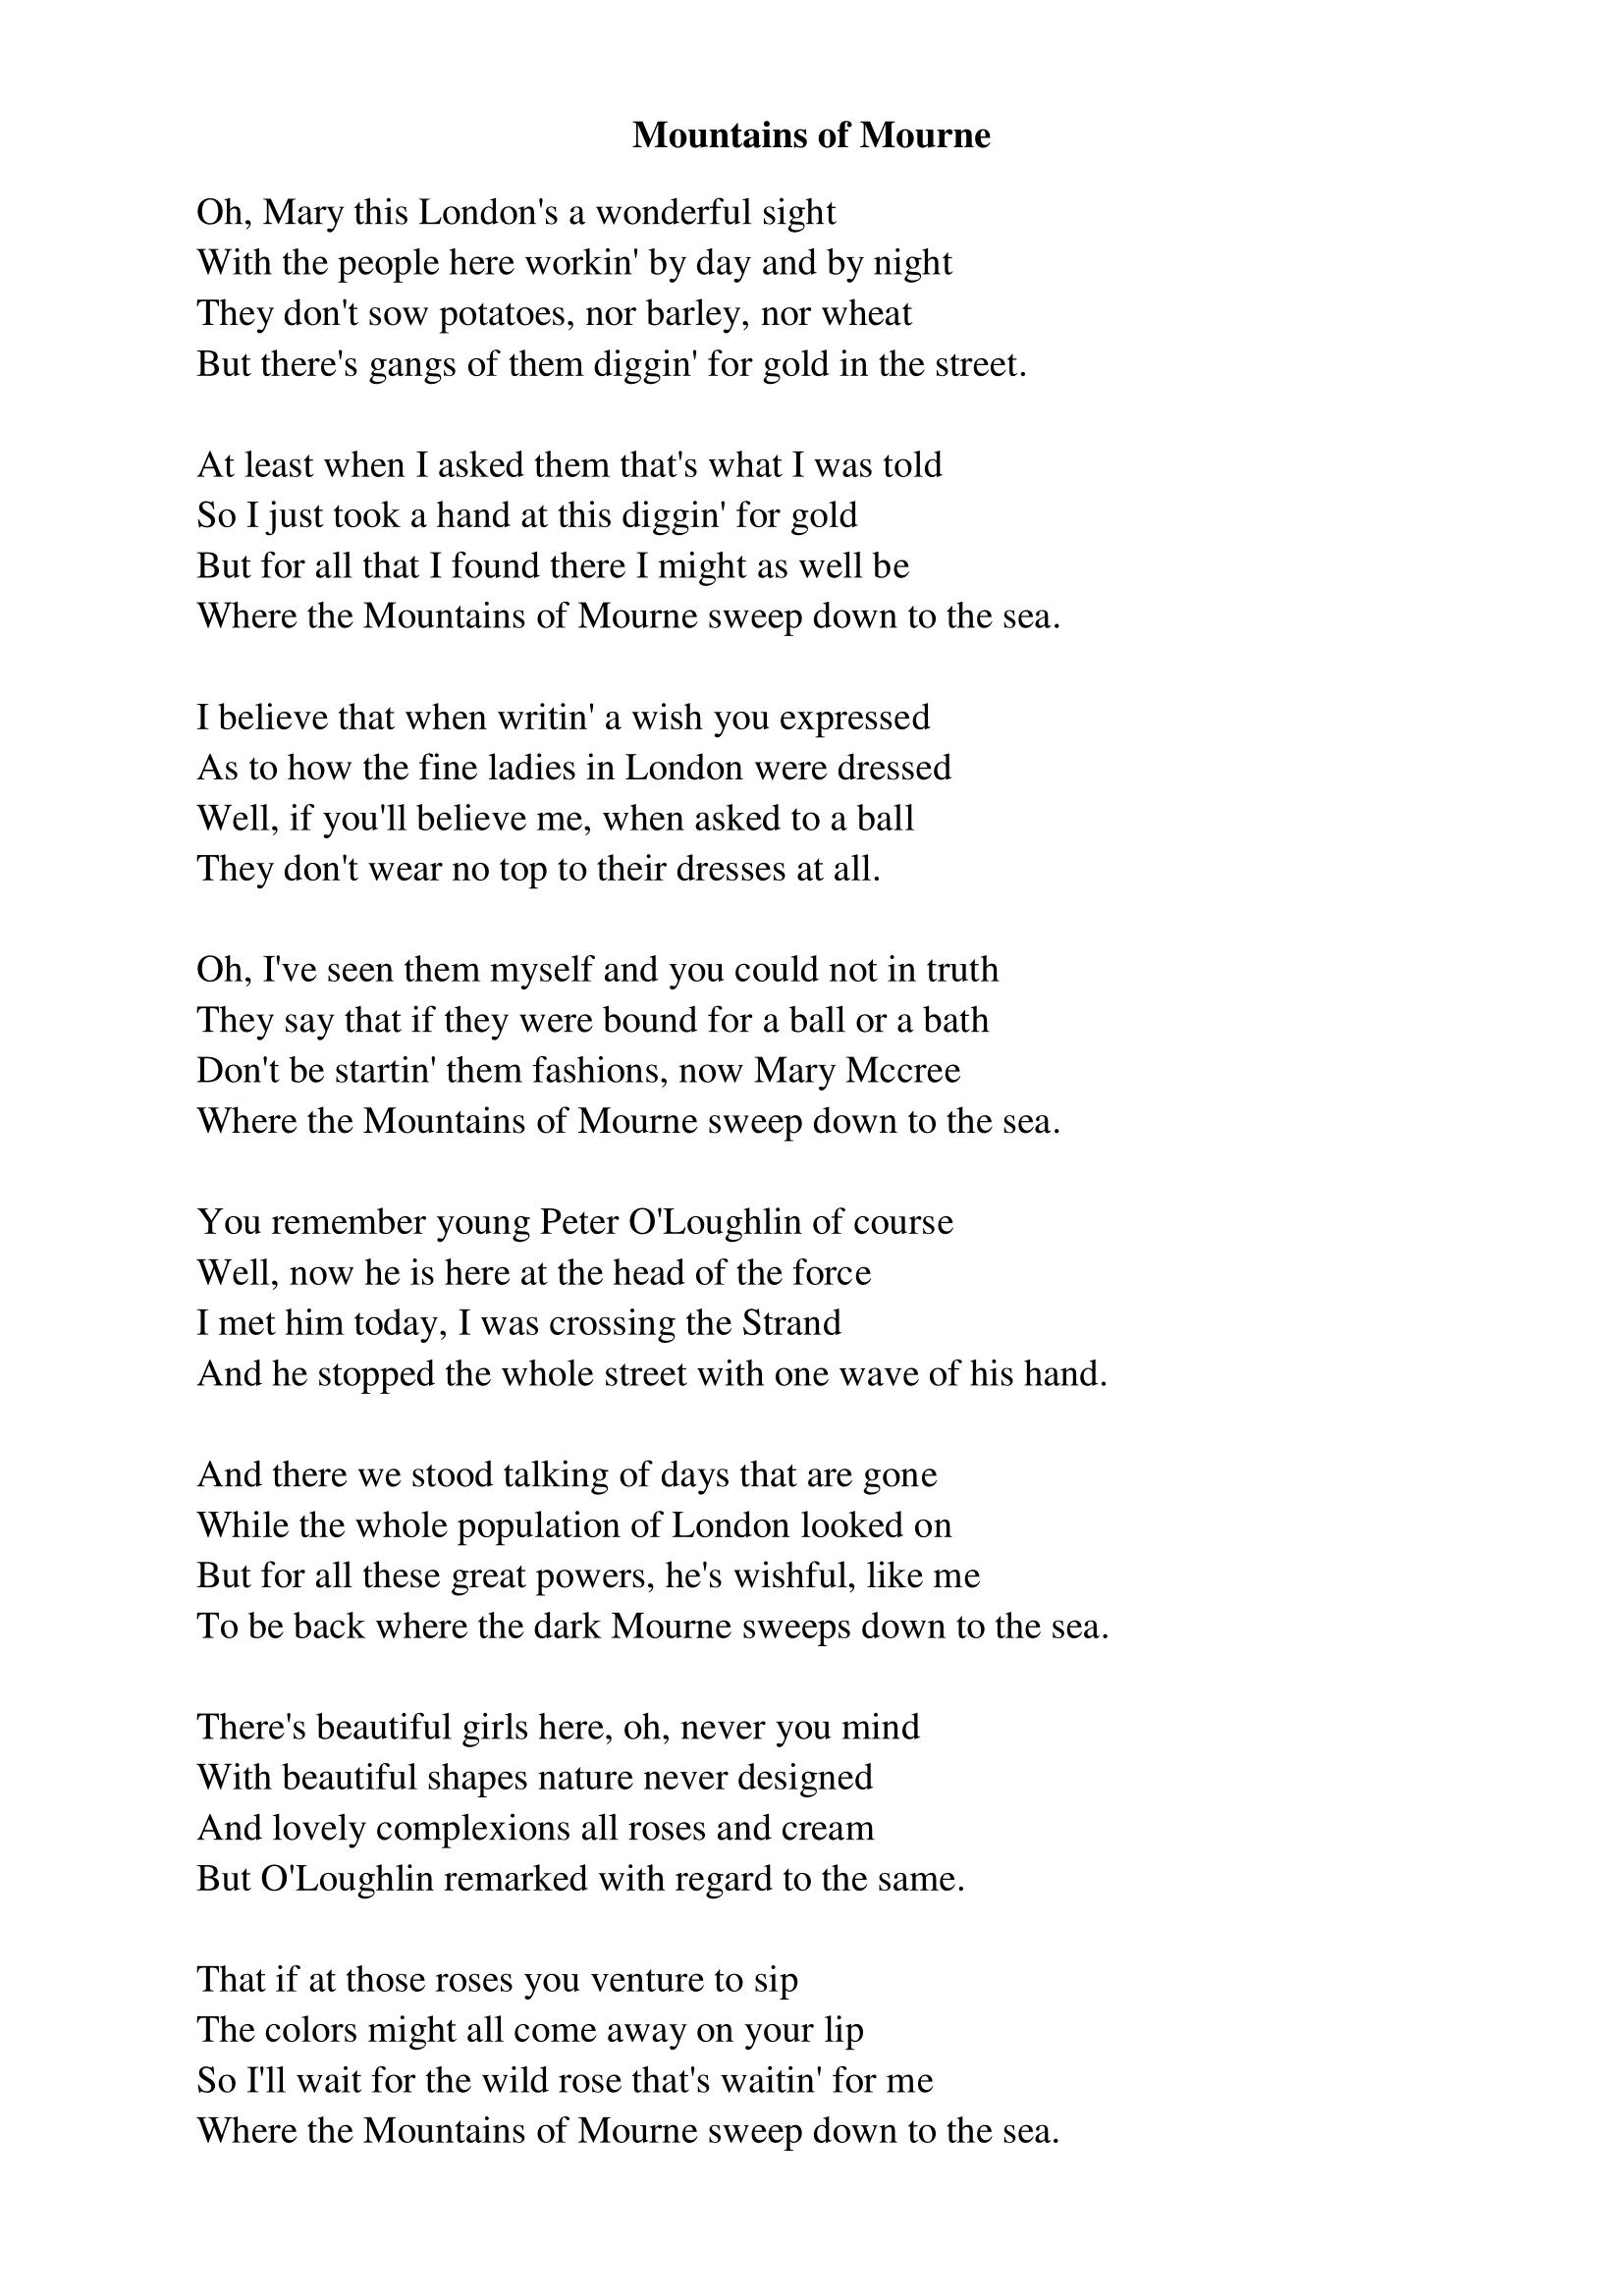 mountains-of-mourne-lyrics-1